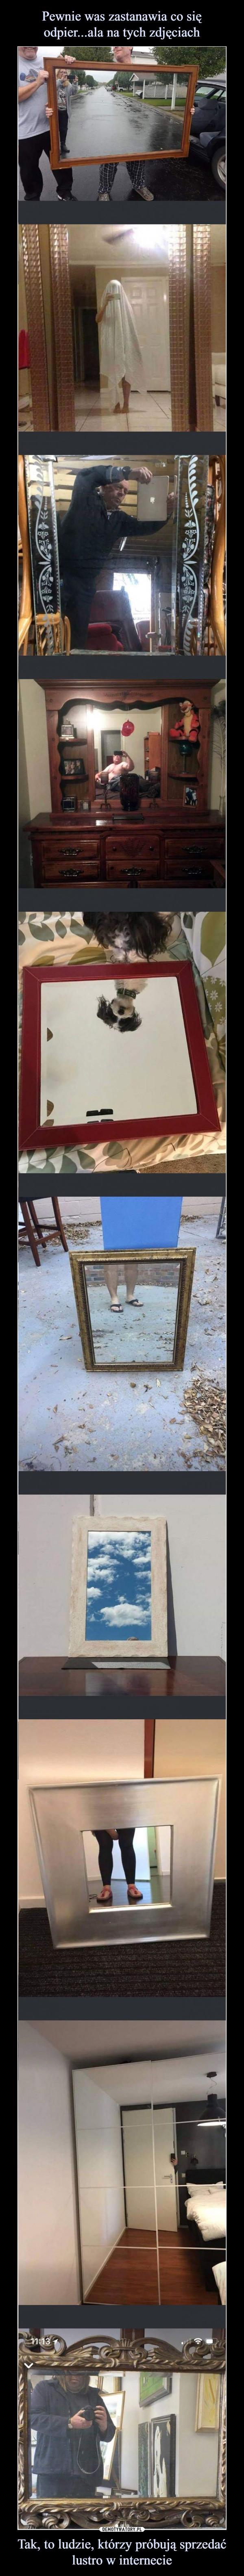 Tak, to ludzie, którzy próbują sprzedać lustro w internecie –